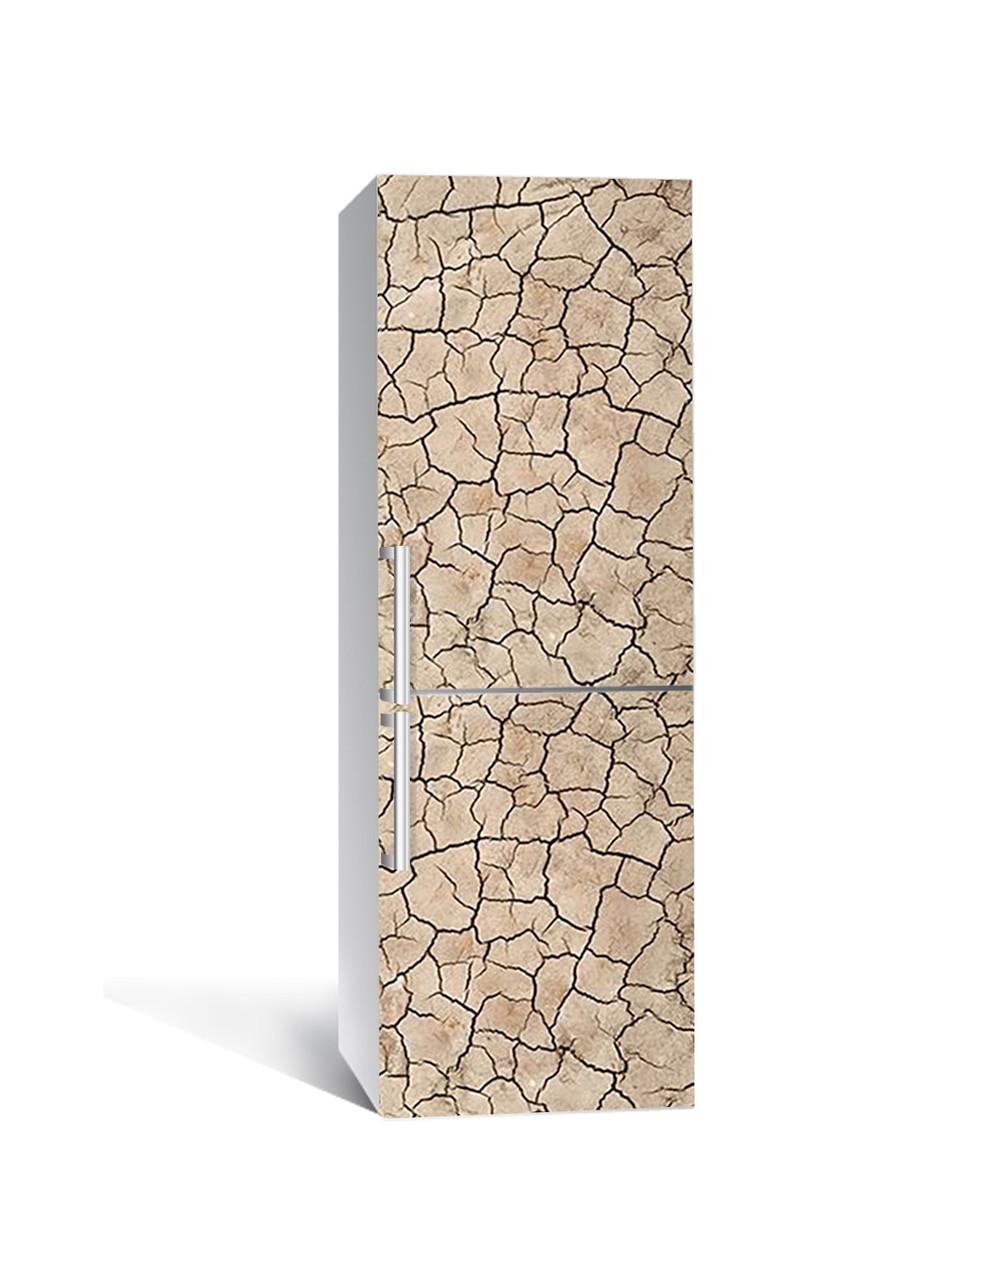 Наклейка на холодильник Суха глина Тріщини 3Д (плівка ПВХ з ламінуванням) 65*200см Текстура Бежевий